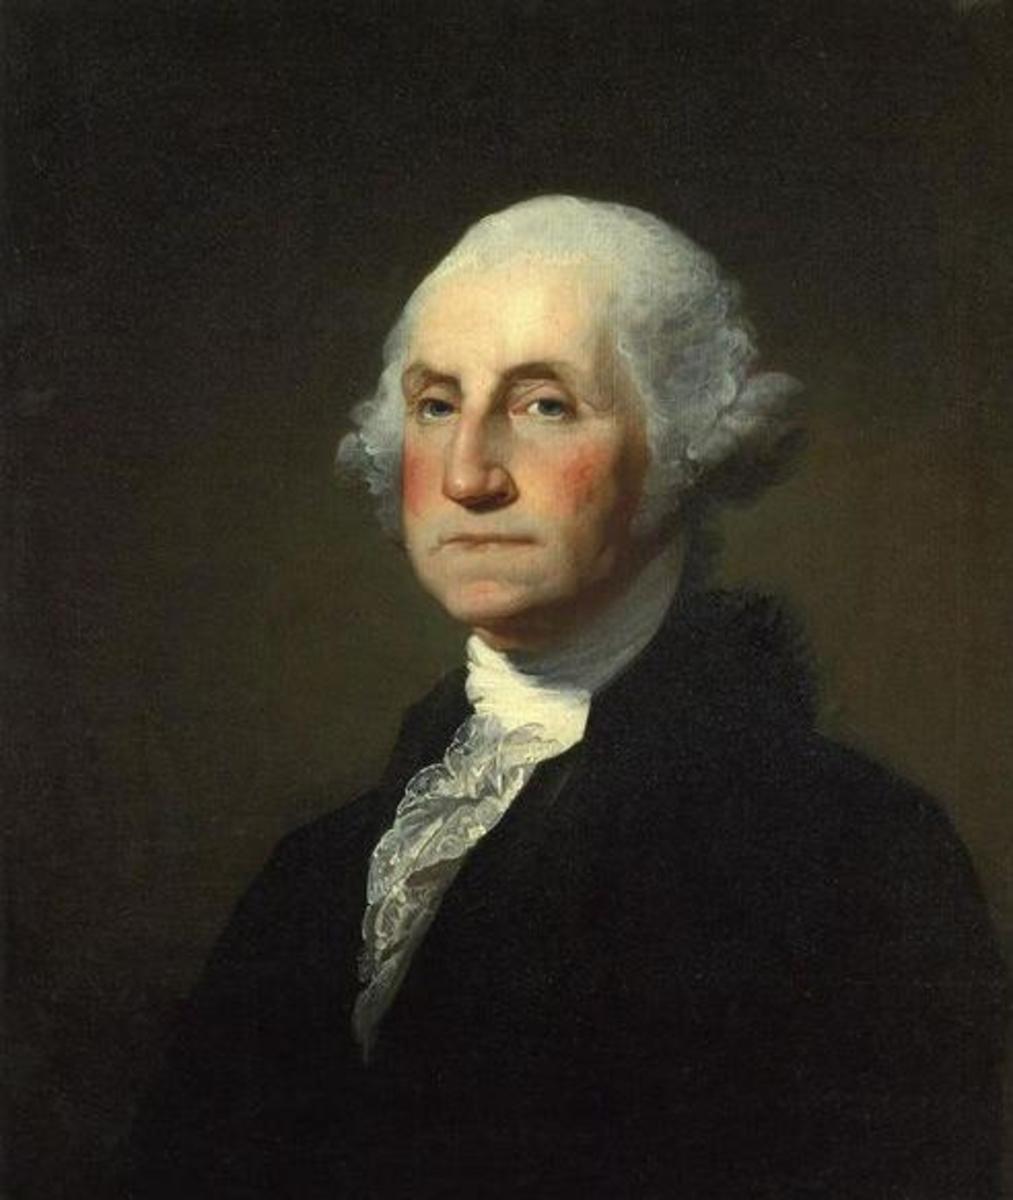 George Washington portrait by Gilbert Stewart